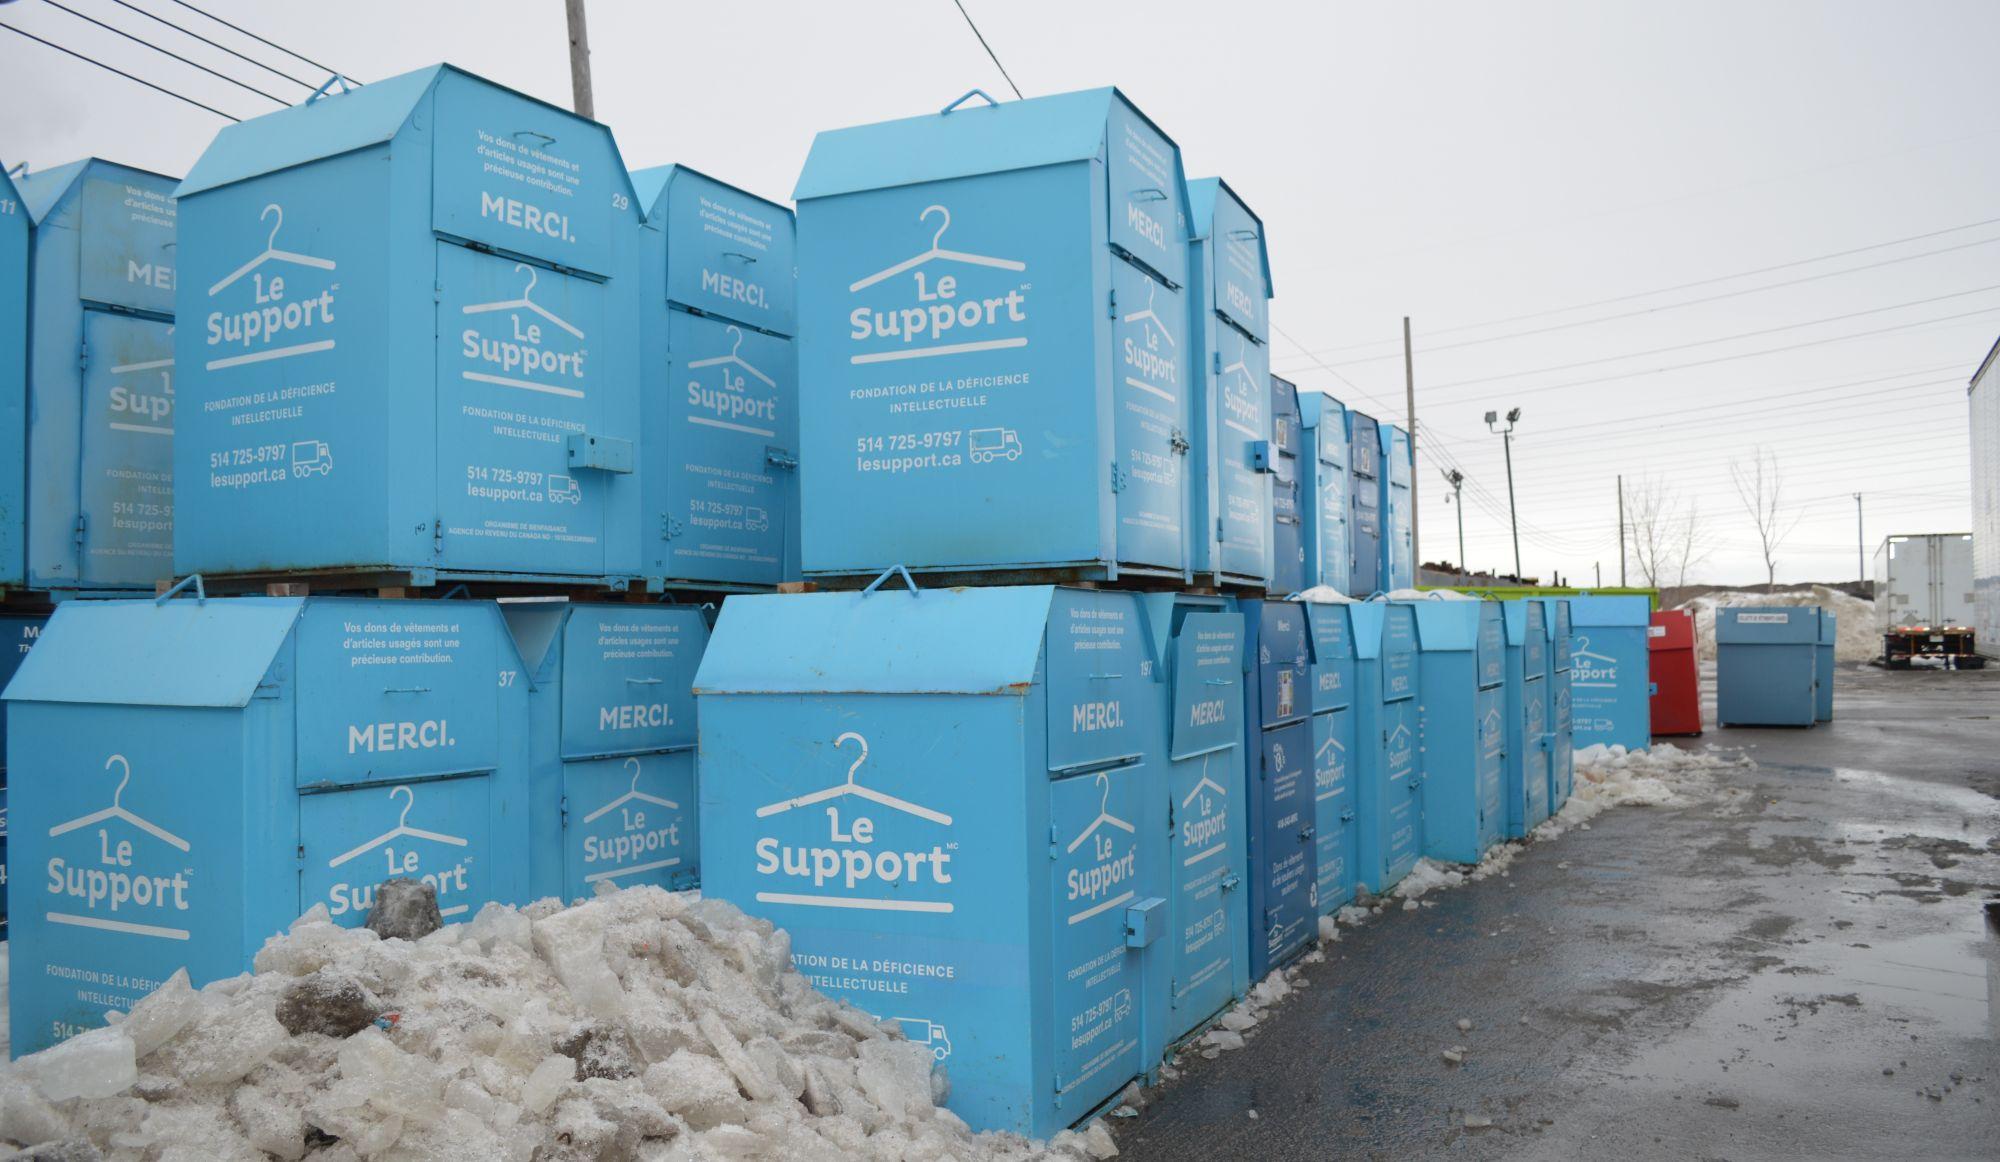 Rendez-vous de l'info : disparition des boîtes de dons caritatives